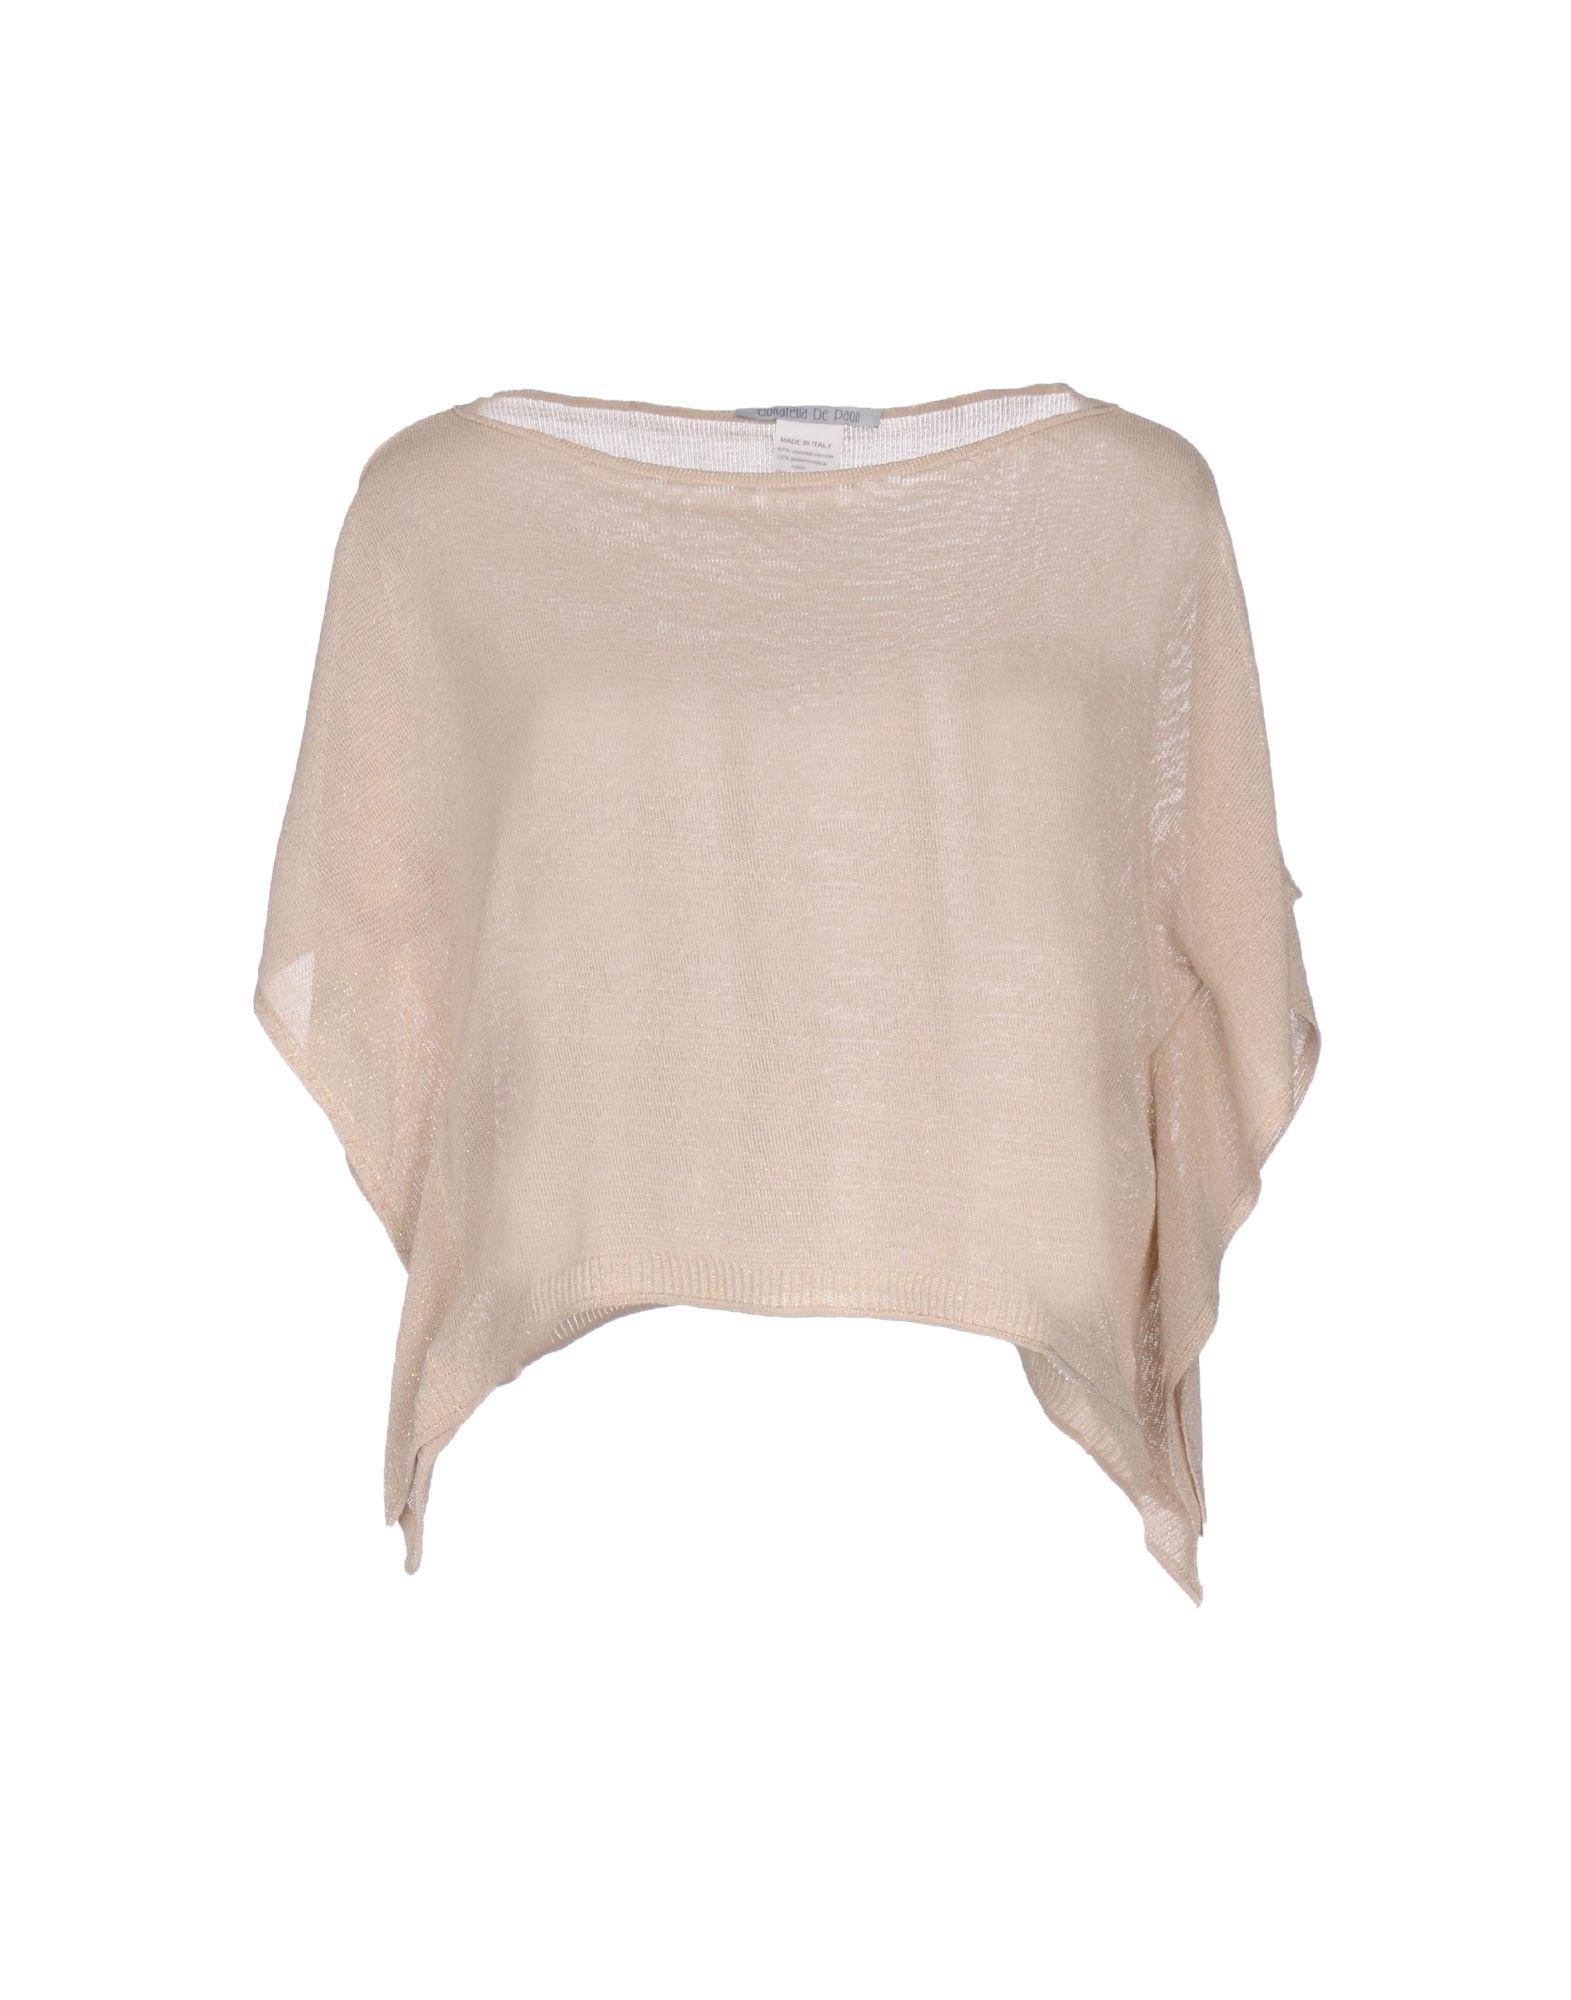 DONATELLA DE PAOLI | DONATELLA DE PAOLI Sweaters | Goxip